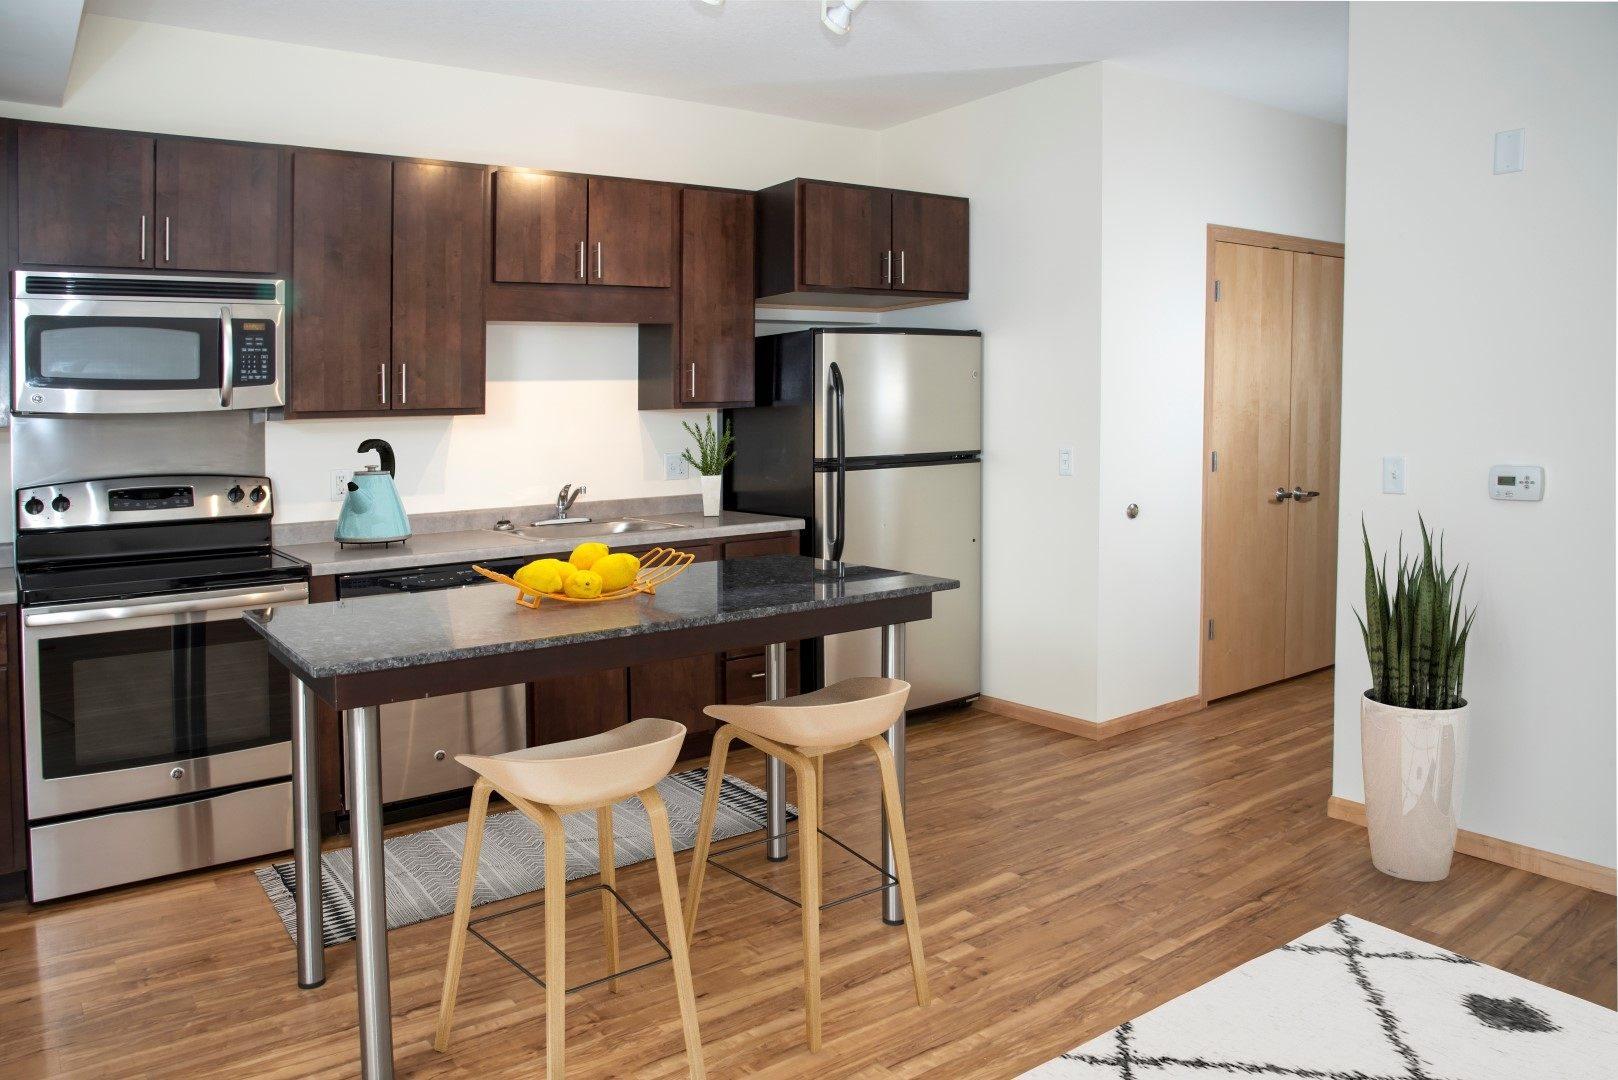 Third North apartments kitchen